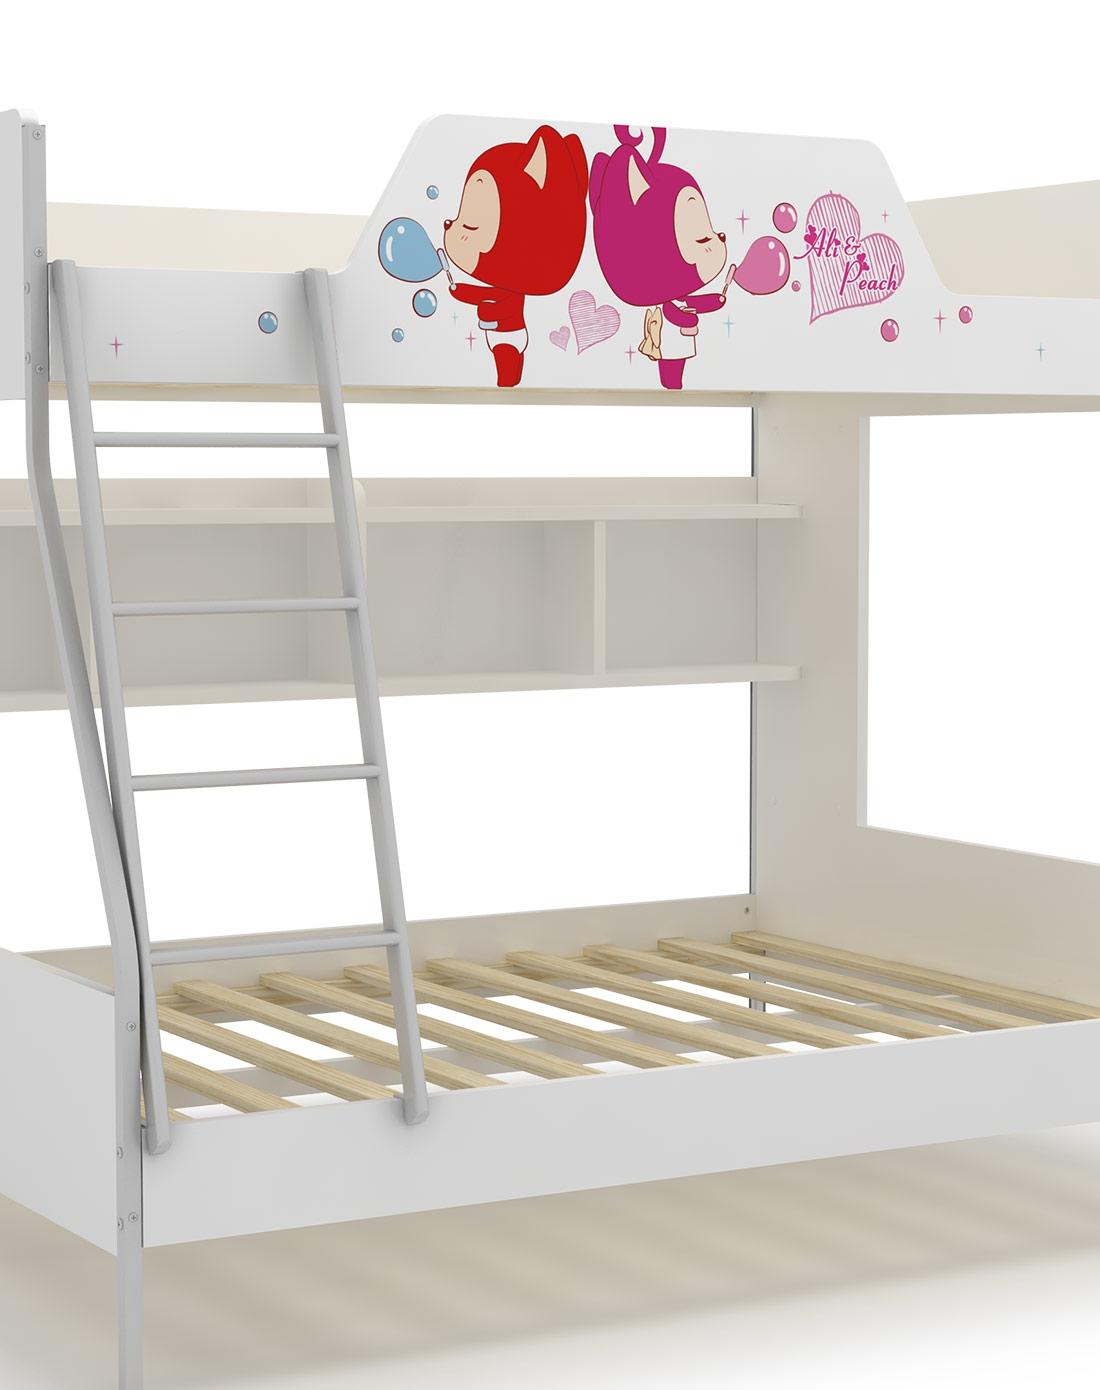 阿狸梦幻童话 1.5米高低床(不包含梯柜和拖箱)